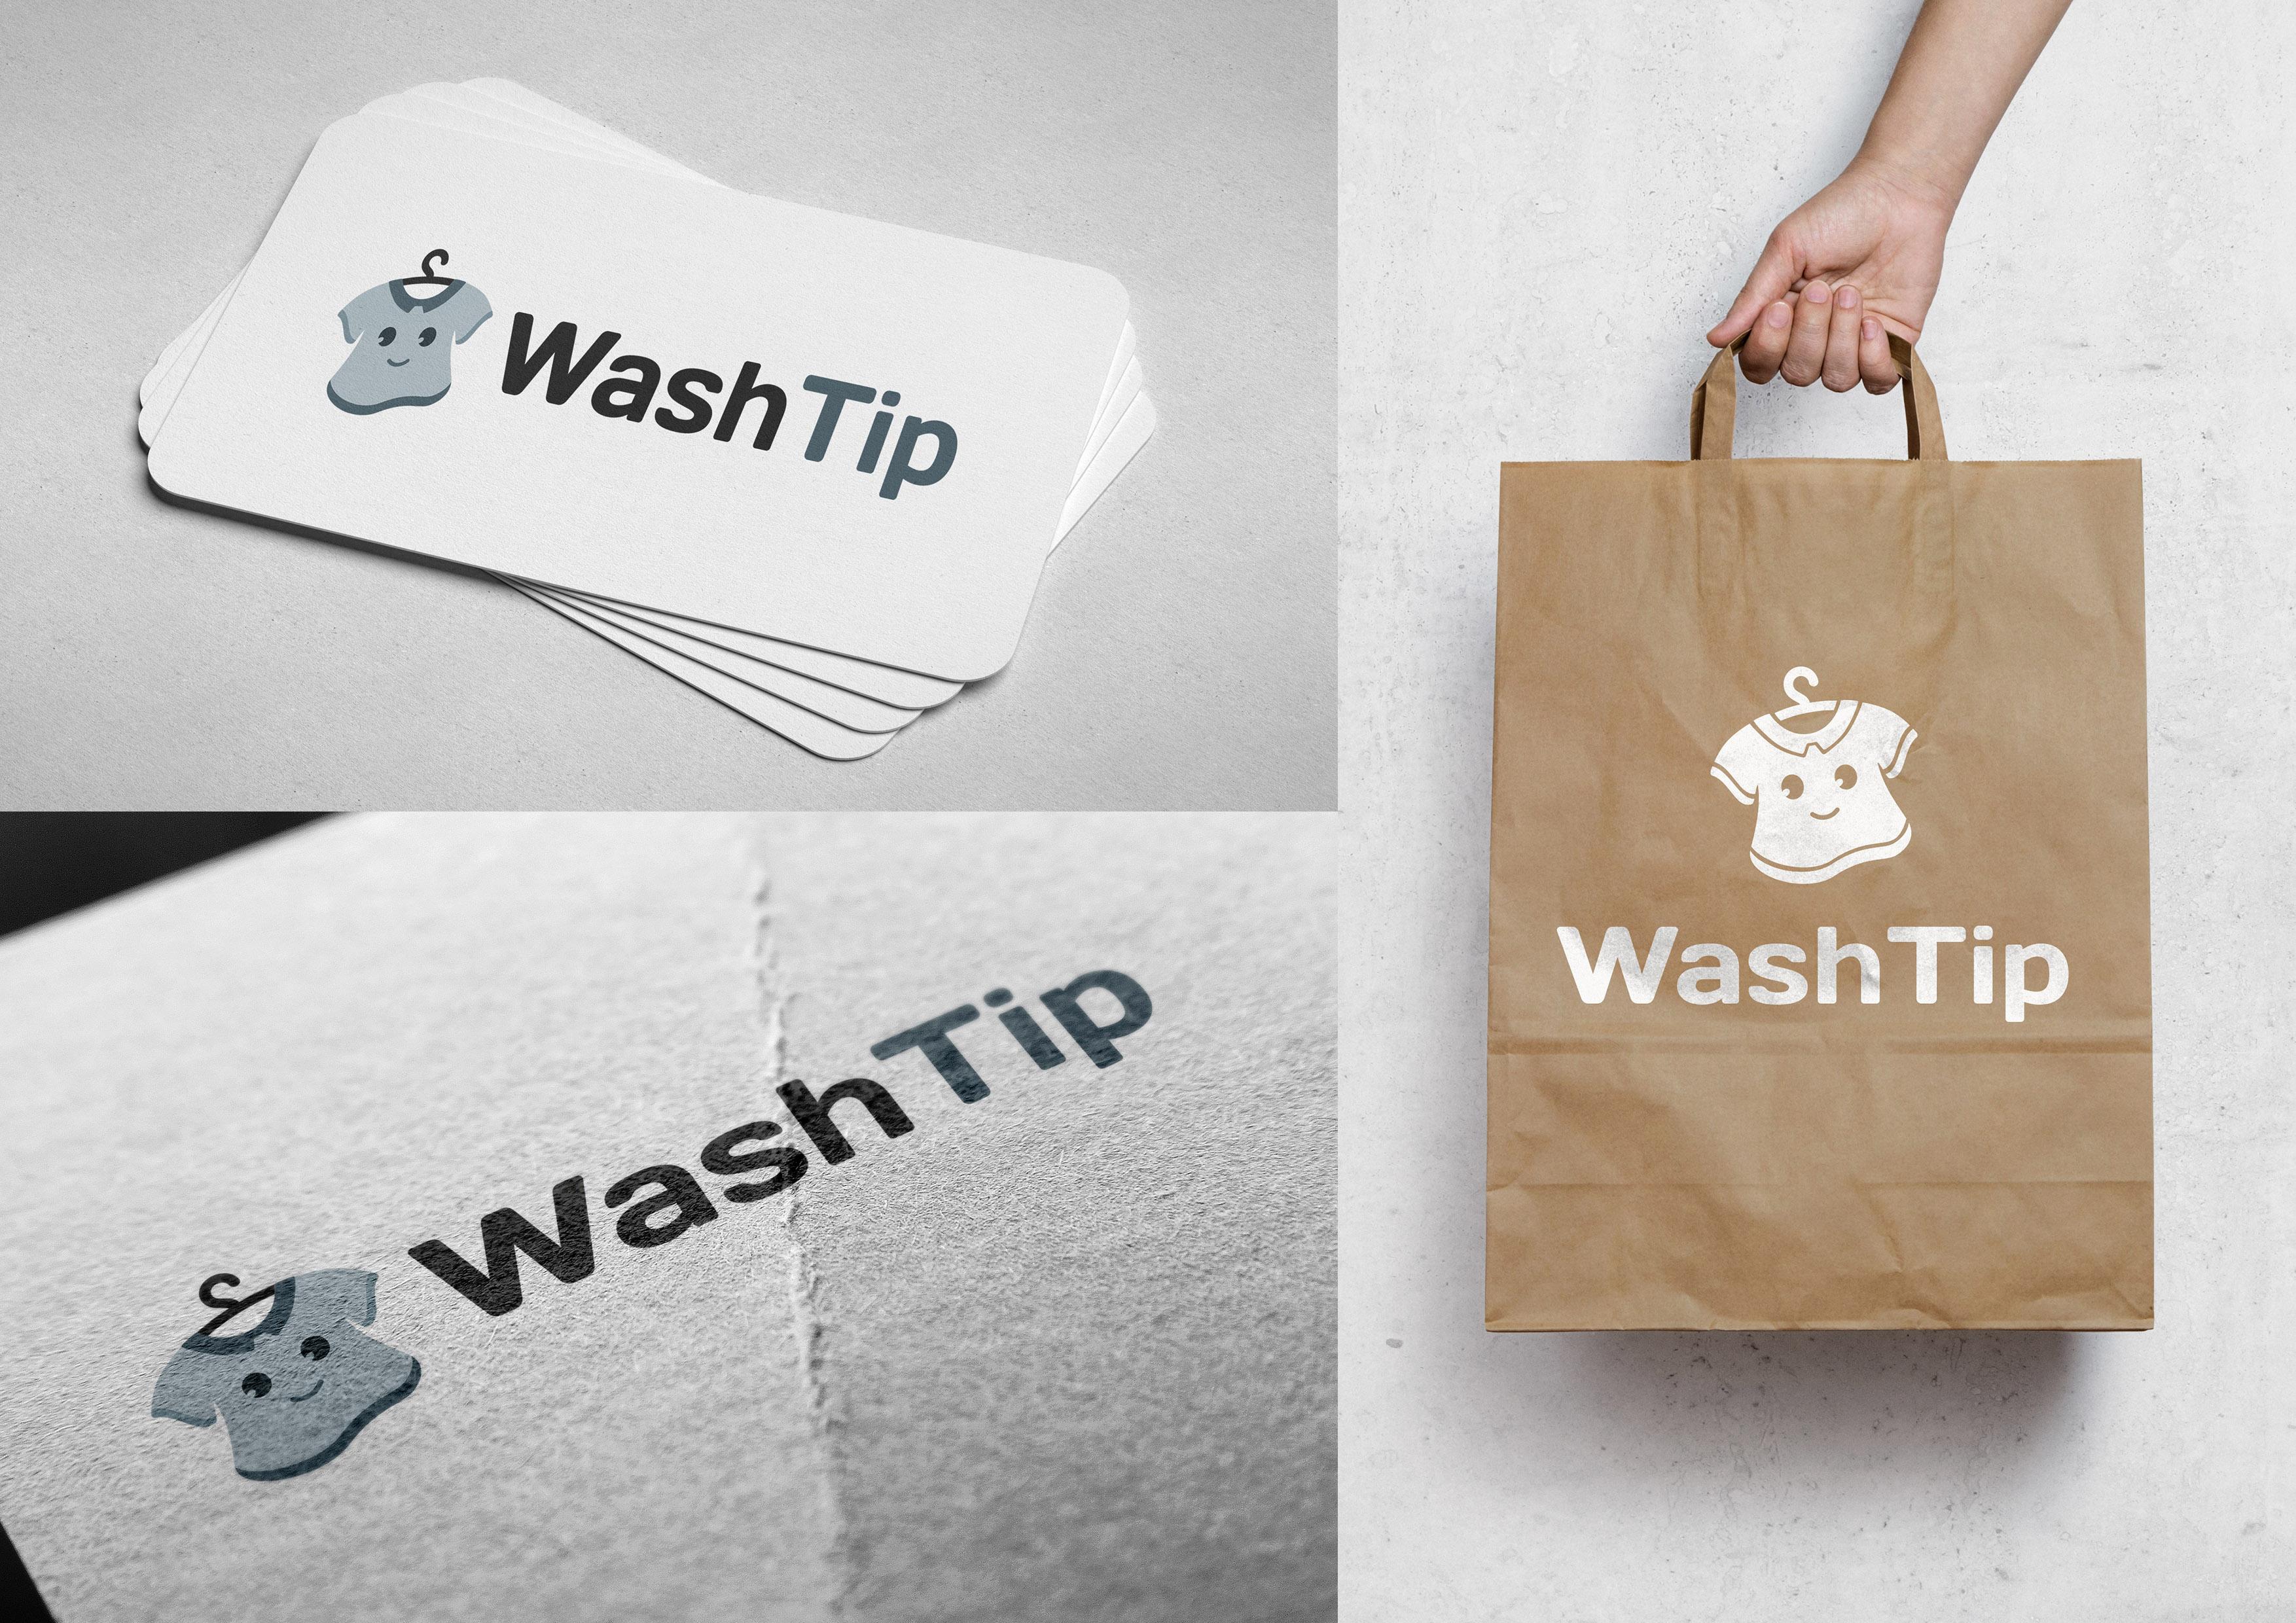 Разработка логотипа для онлайн-сервиса химчистки фото f_1145c055a7357c6c.jpg